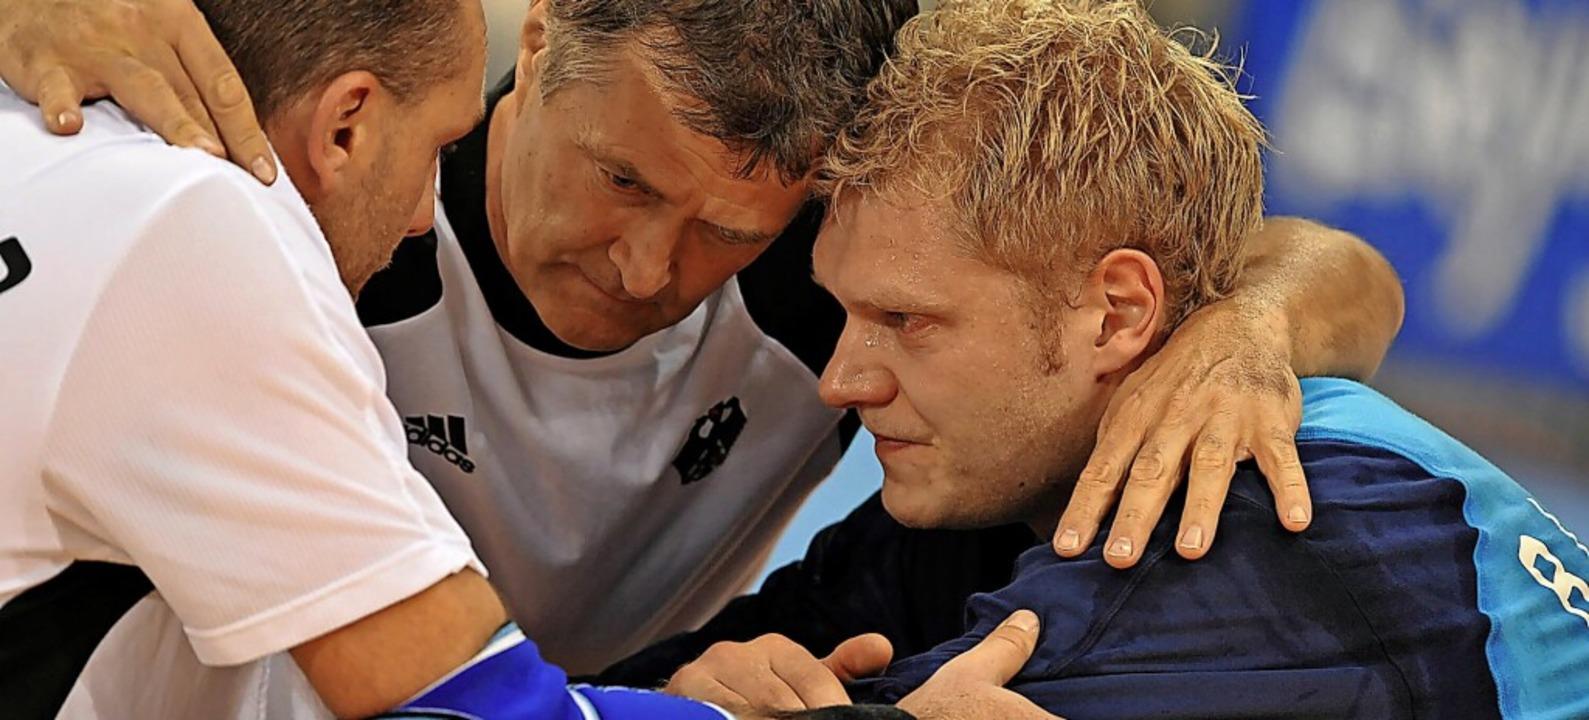 Johannes Bitter (rechts) bei den Olymp...terten die Handballer in der Vorrunde.  | Foto: Peer Grimm (dpa)